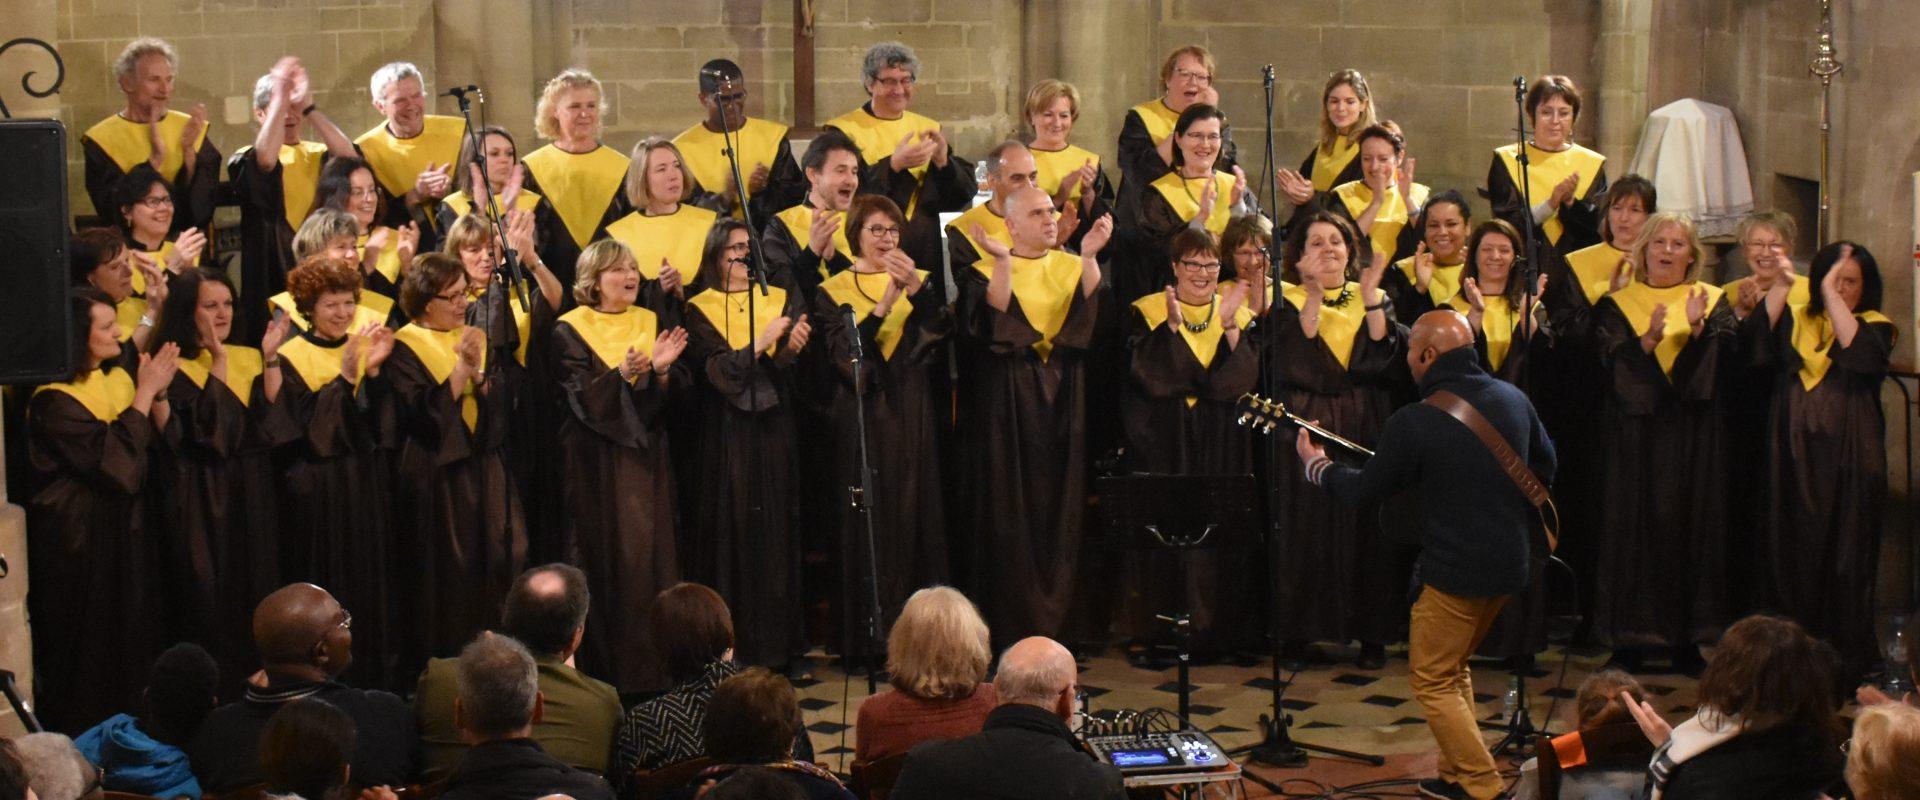 Chorale Coeur Gospel